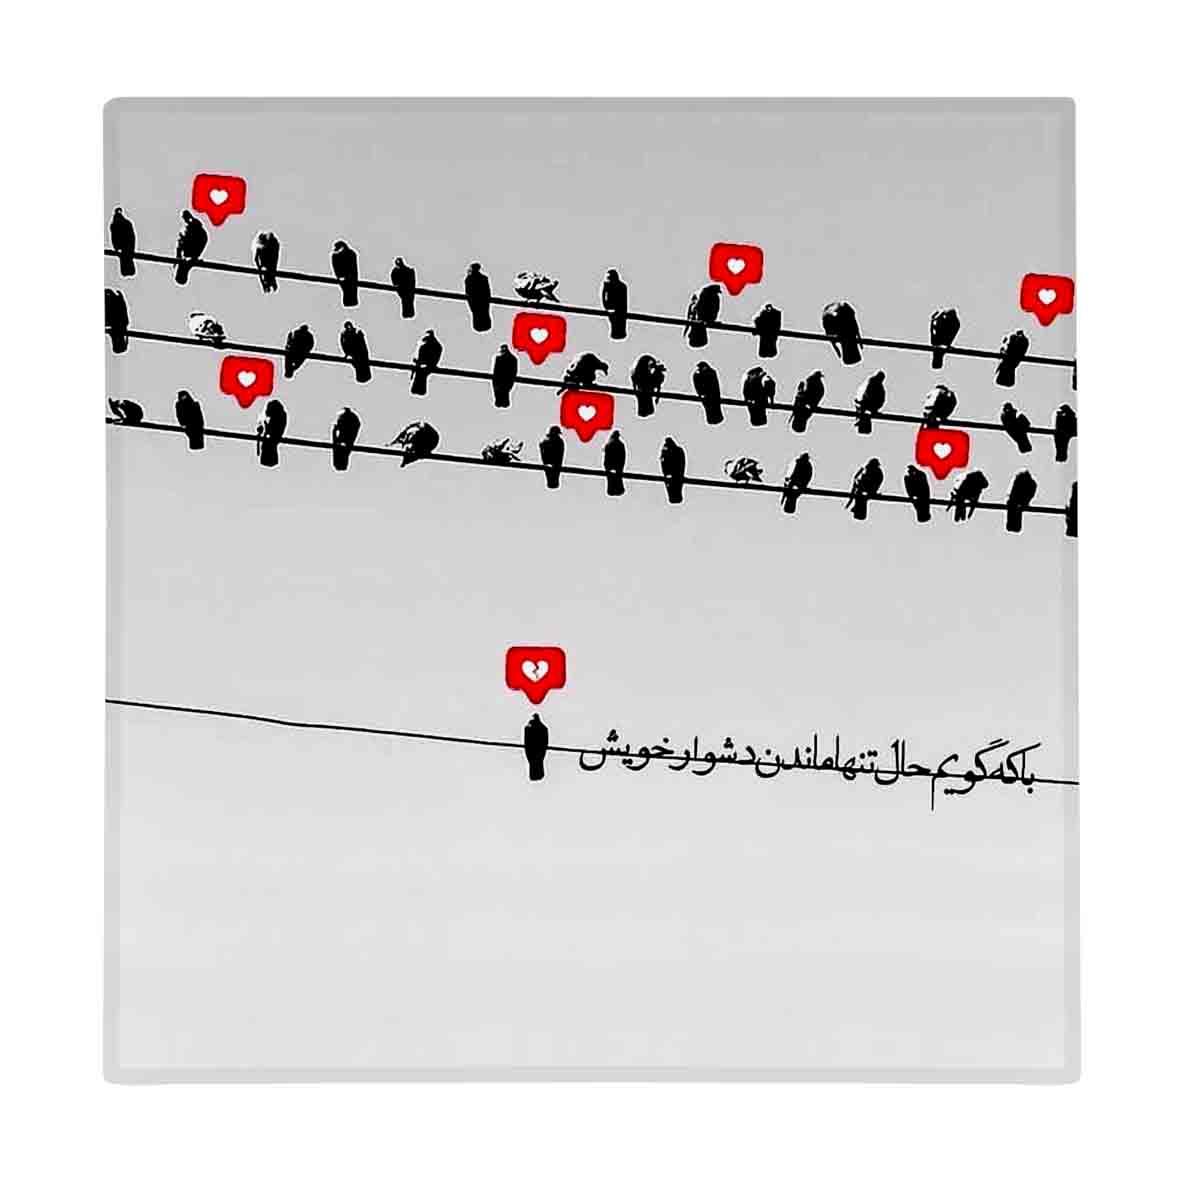 عکس کاشی طرح کبوتر عاشق کد kash058